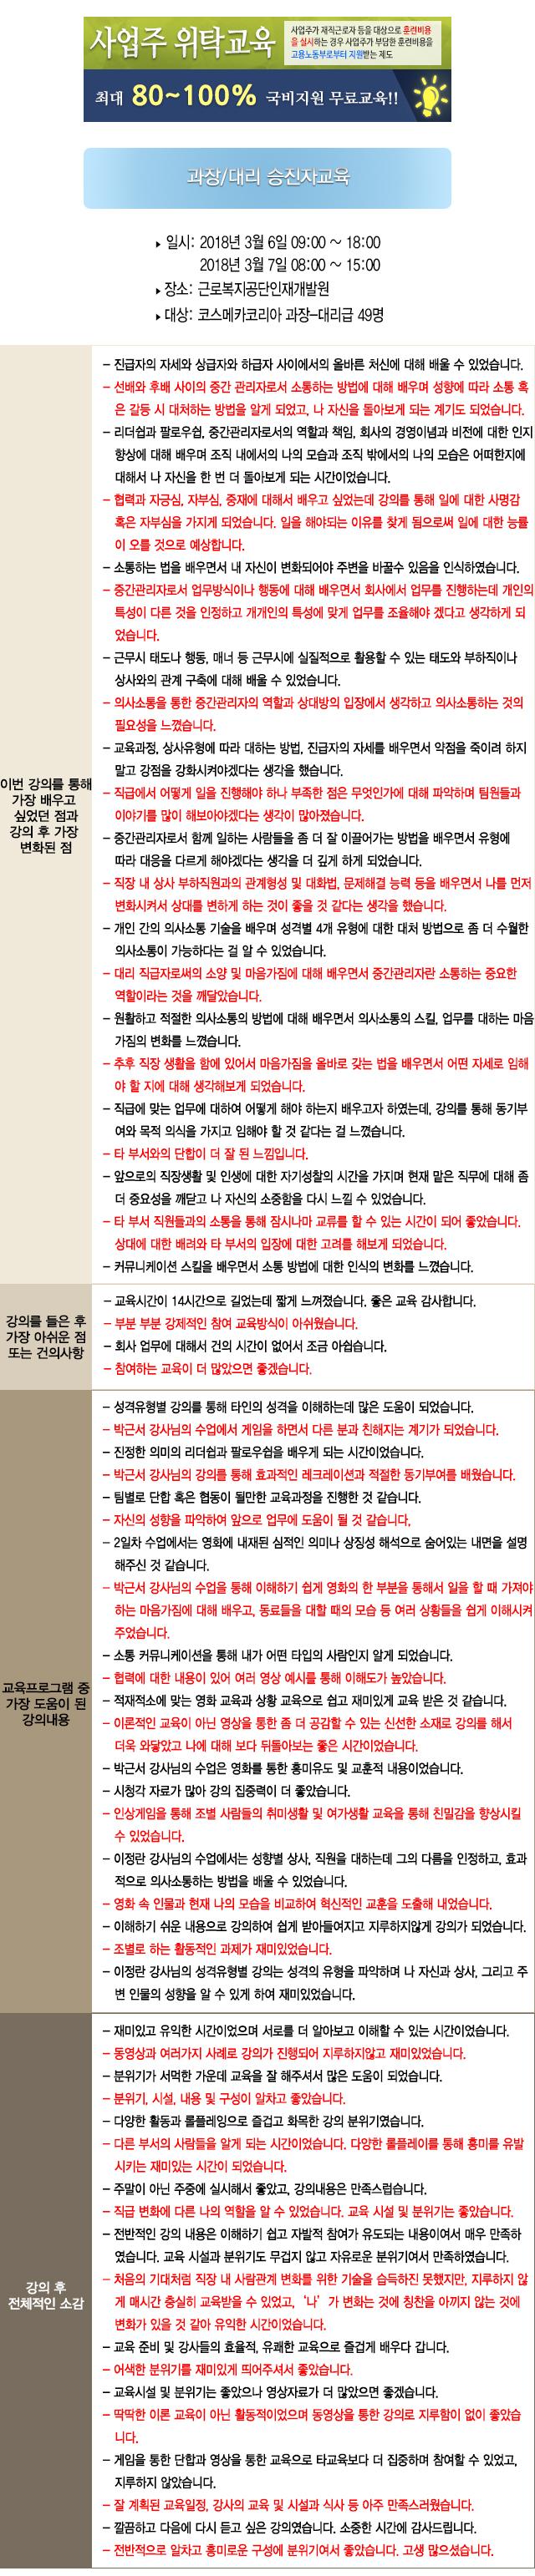 한국중앙인재개발원 후기 코스메카코리아A.jpg